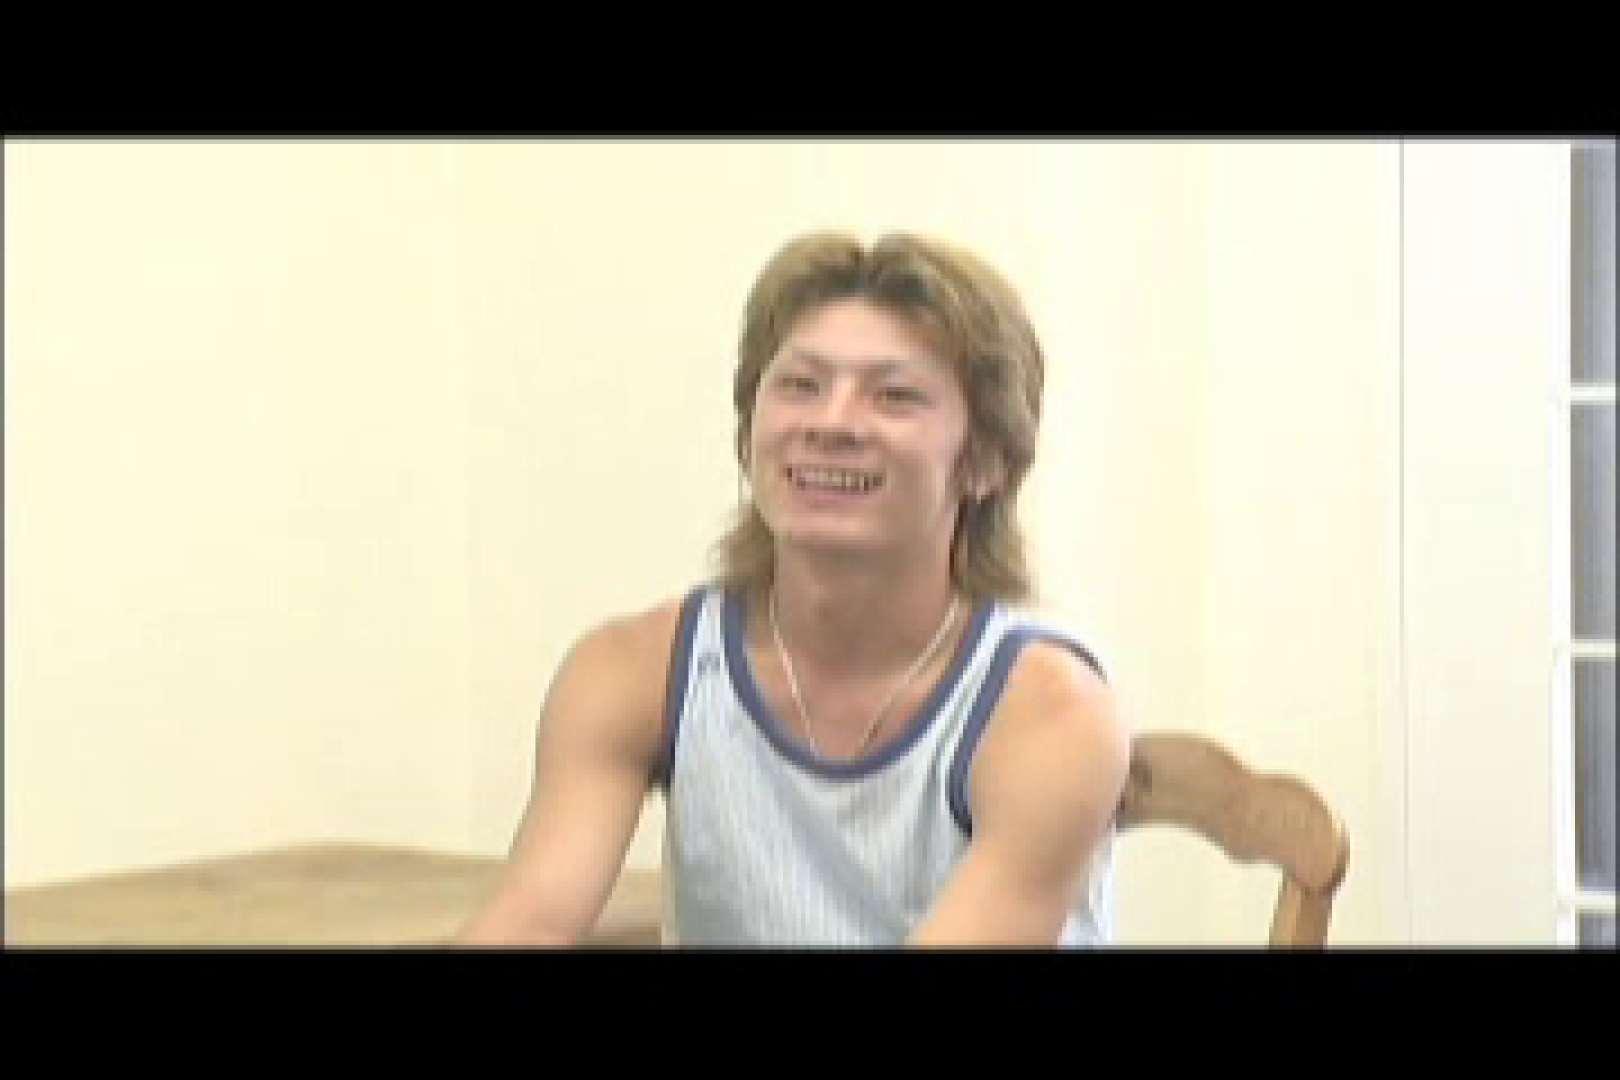 イケメン☆パラダイス〜男ざかりの君たちへ〜vol.15 ケツマン ゲイ無料エロ画像 52pic 19